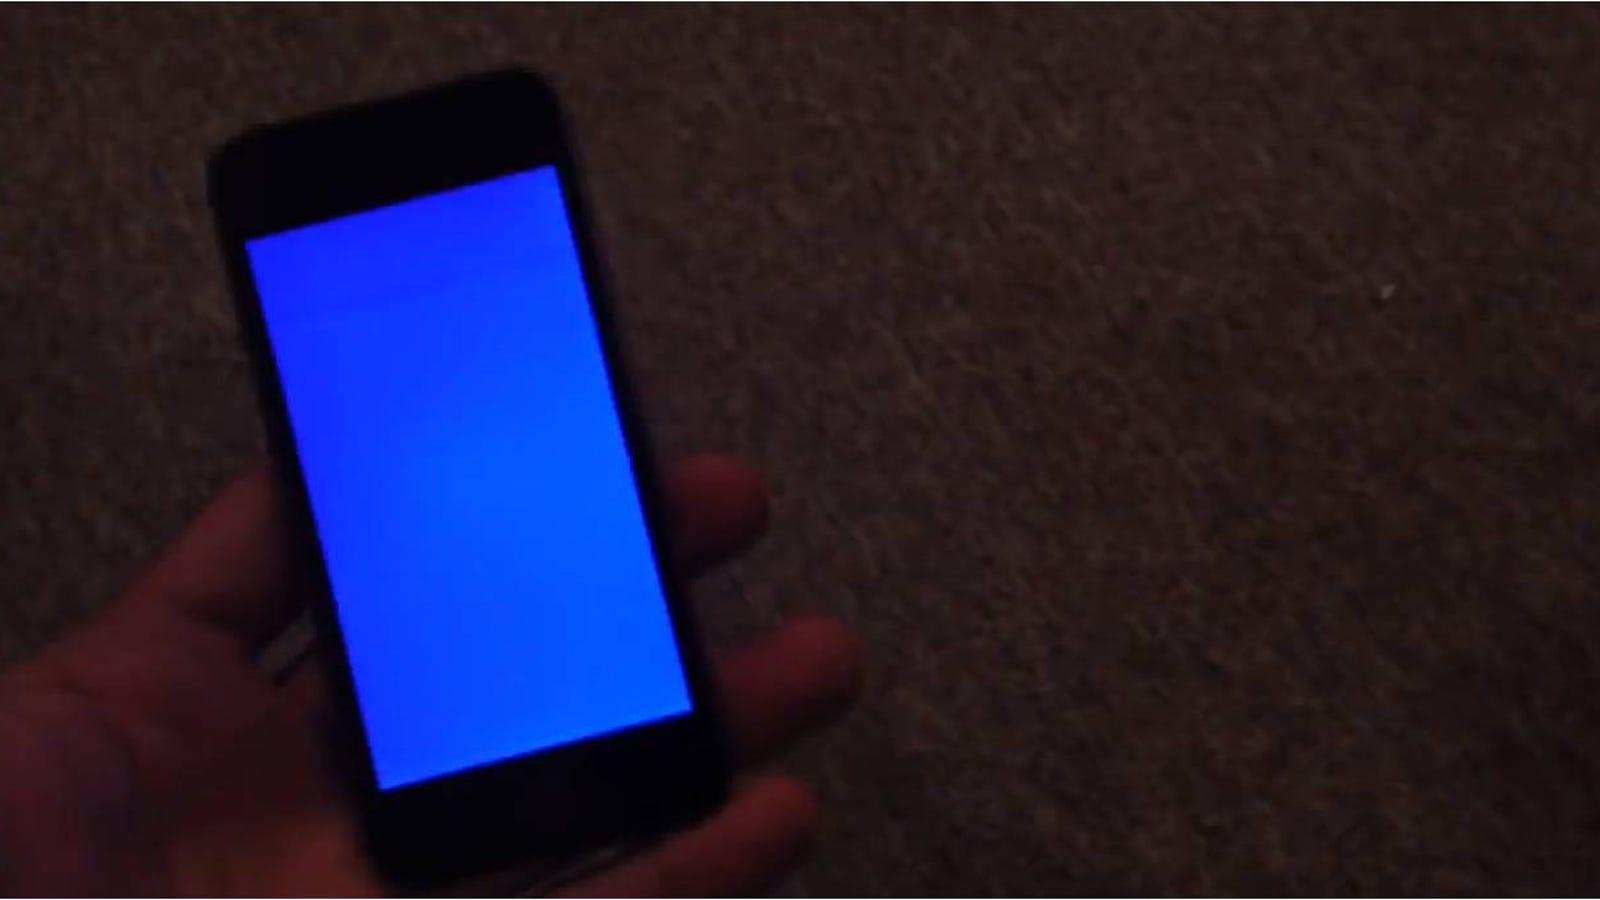 El famoso pantallazo azul también le ocurre al iPhone 5S